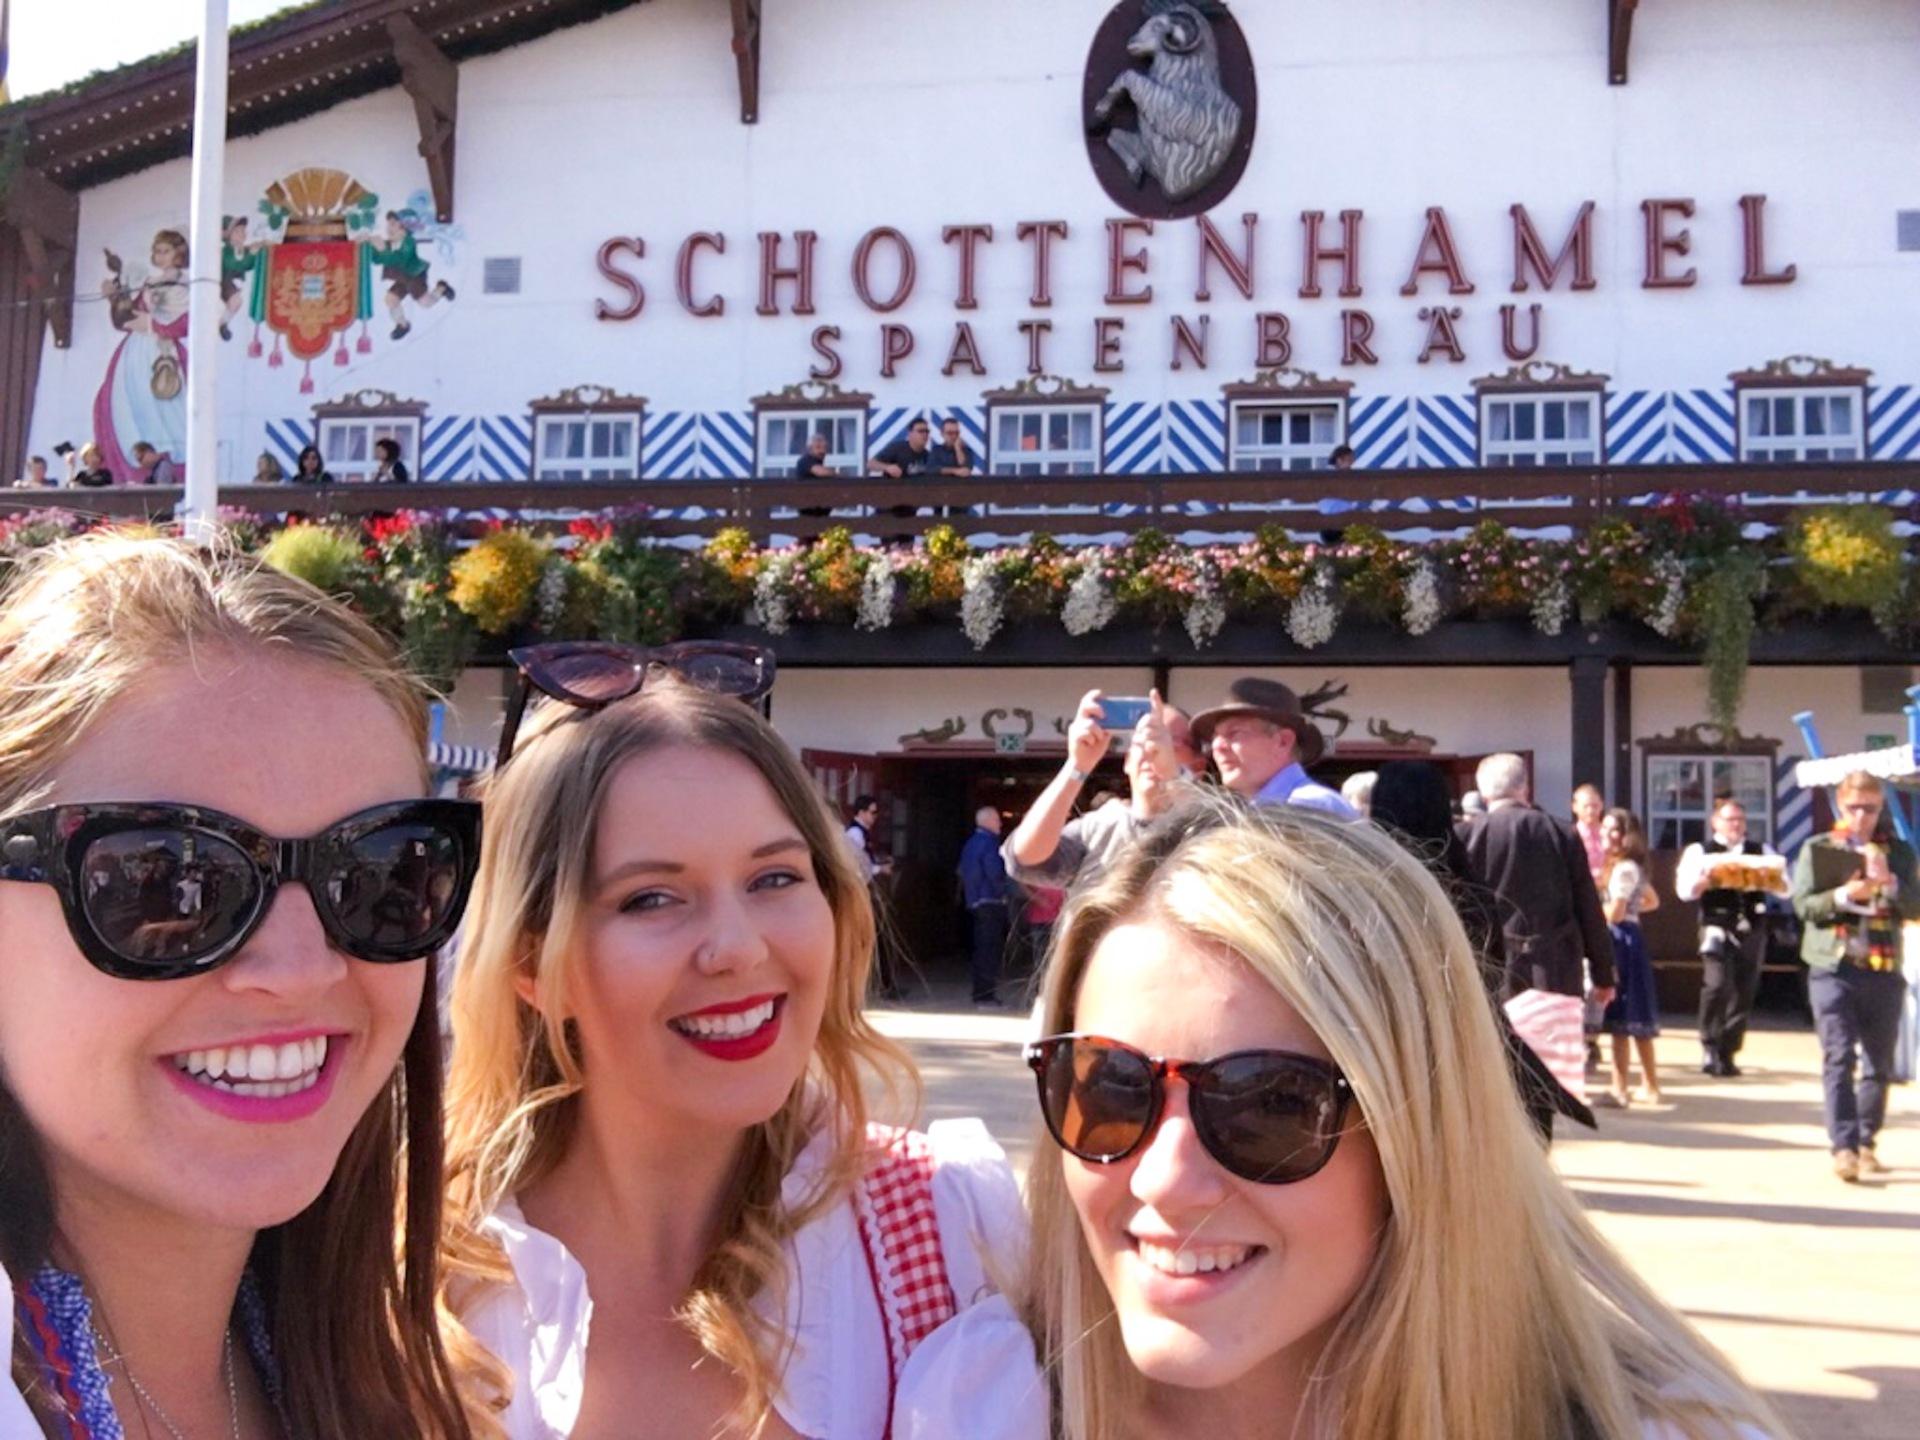 Selfie in front of the Schottenhamel tent